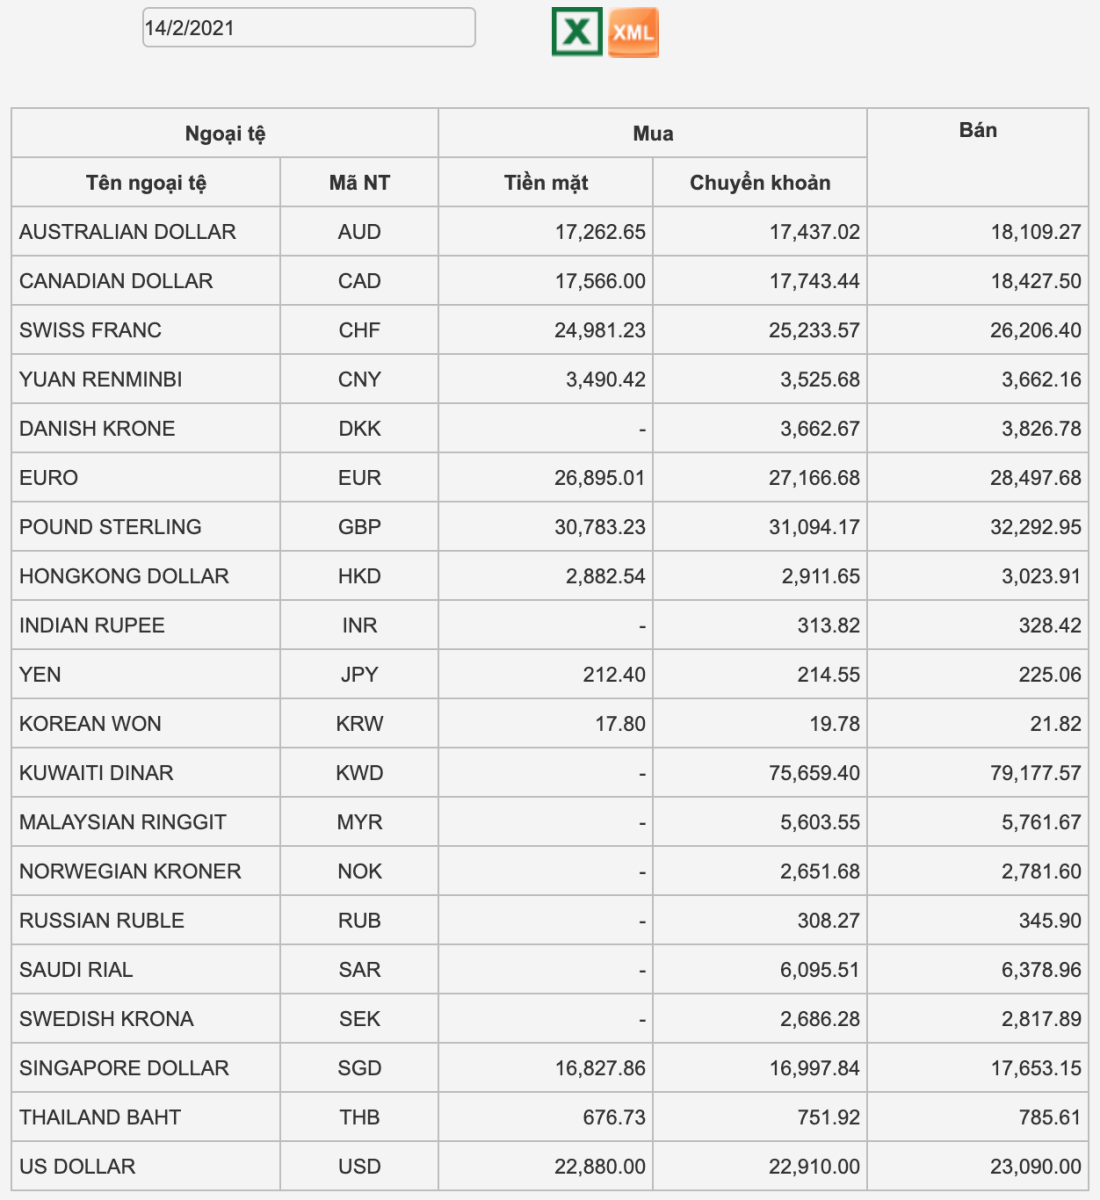 Tỷ giá Vietcombank hôm nay 14/2: Không đổi tỷ giá, USD thế giới tiếp tục tăng